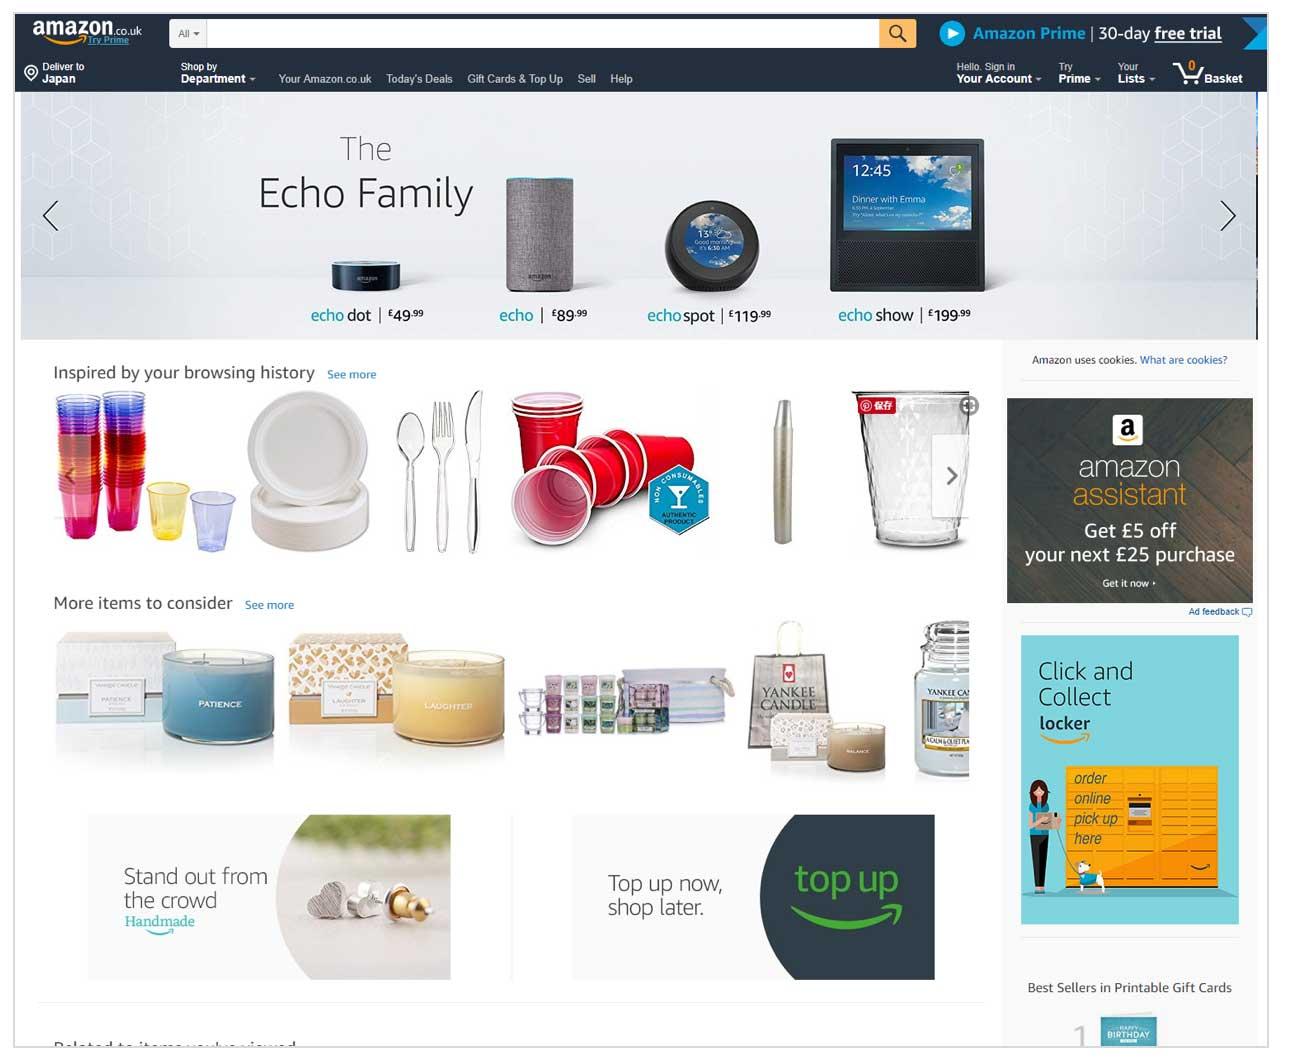 アマゾンUKサイト (www.amazon.co.uk)